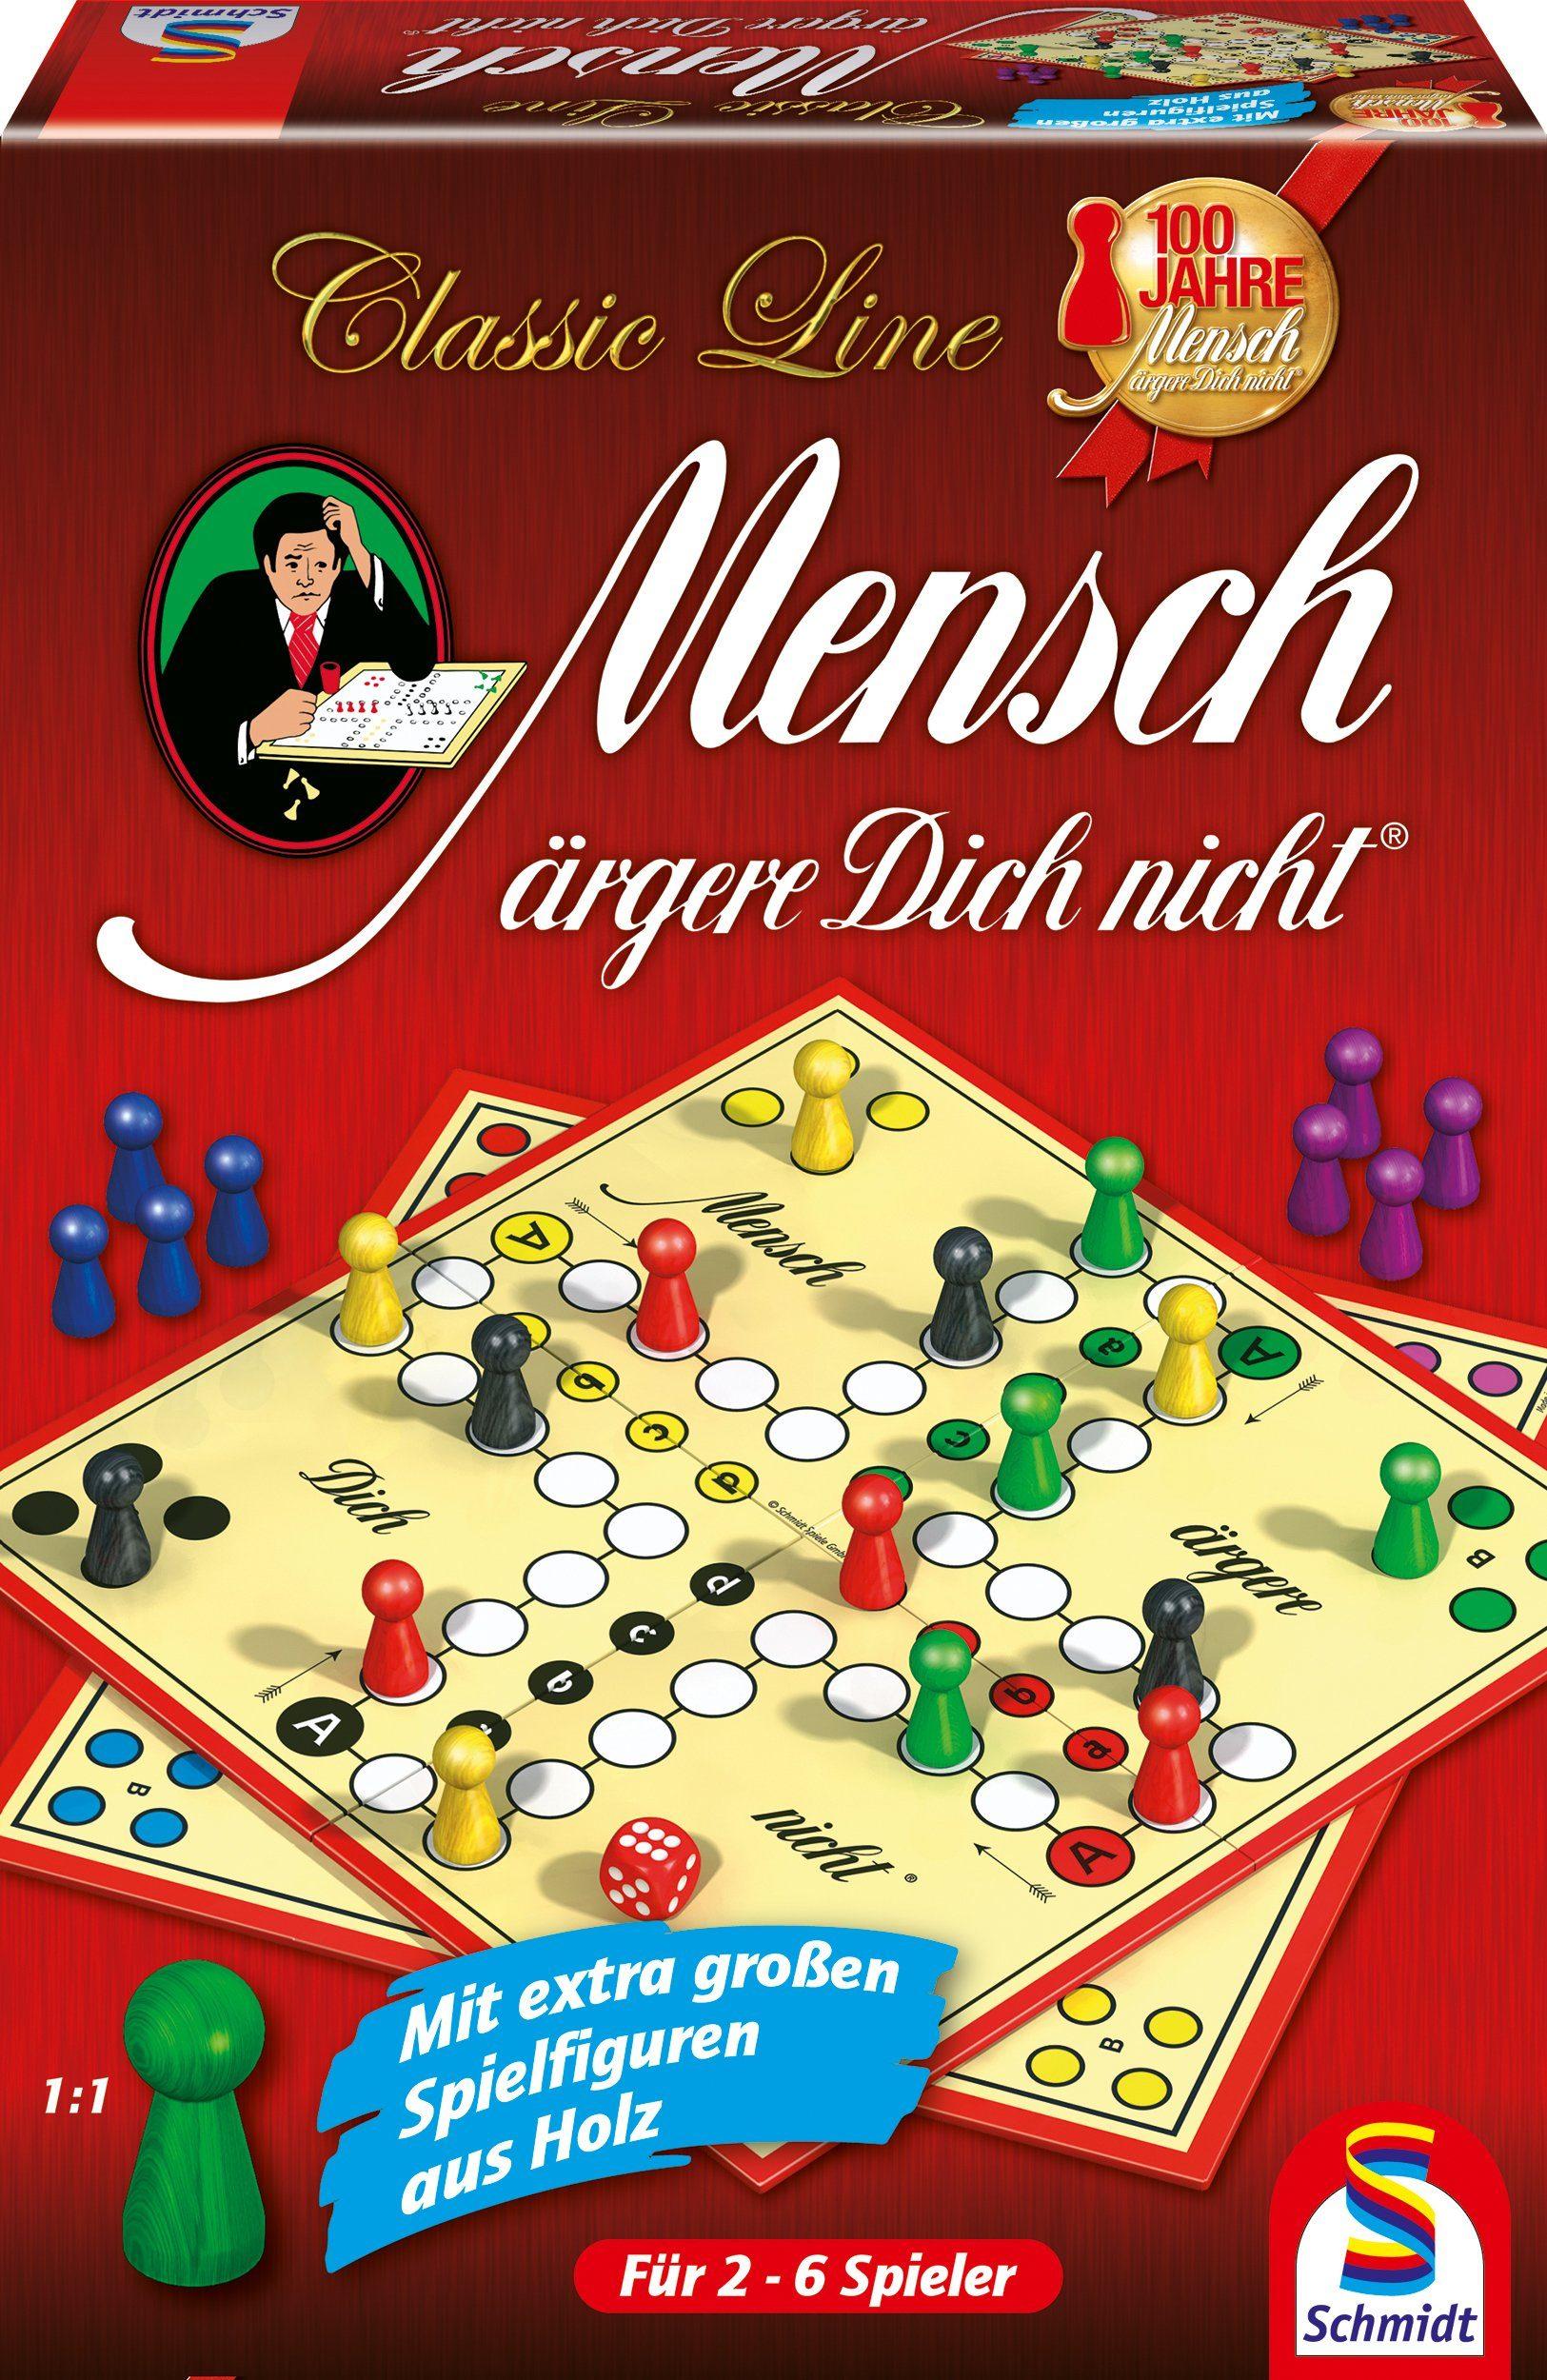 Schmidt Spiele Würfelspiel, »Classic Line, Mensch ärgere Dich nicht®, mit großen Spielfiguren«